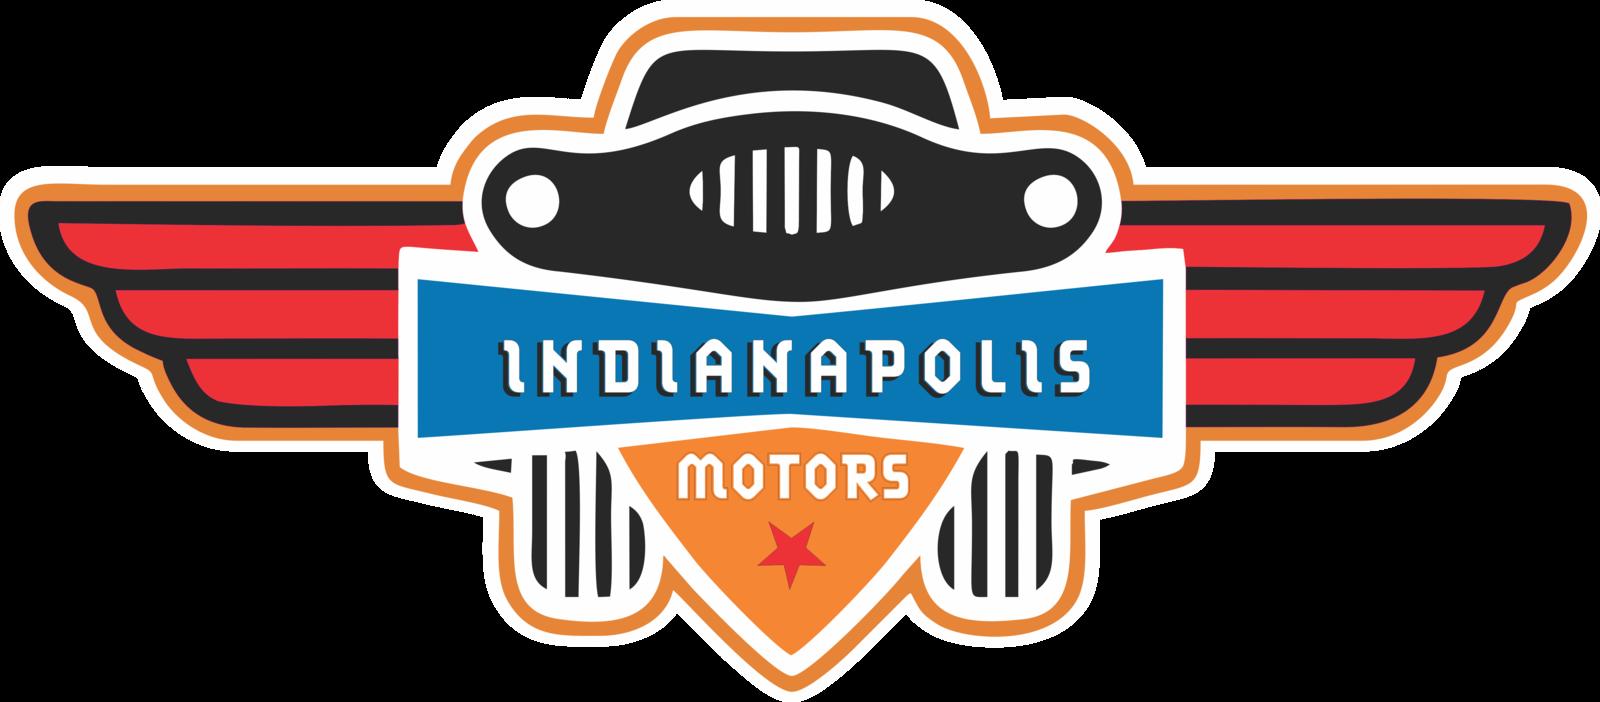 Indianapolis Motors Corp El Paso Tx Read Consumer